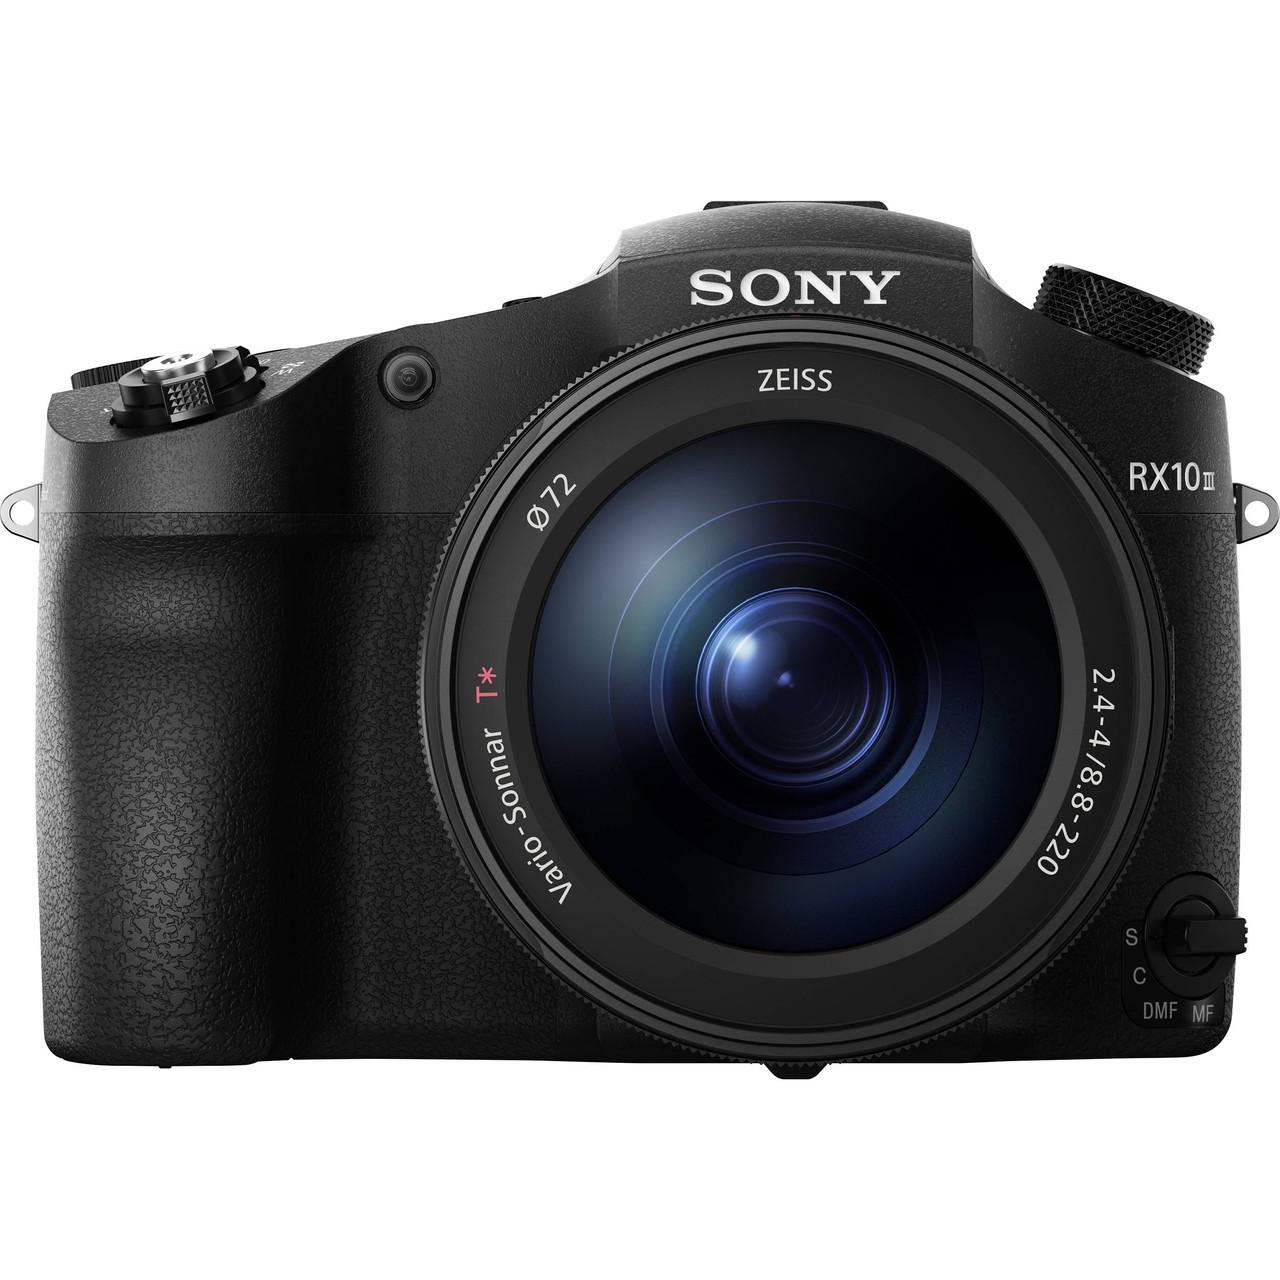 Фотоаппарат SONY Cyber-Shot RX10 III Гарантия от производителя ( на складе )